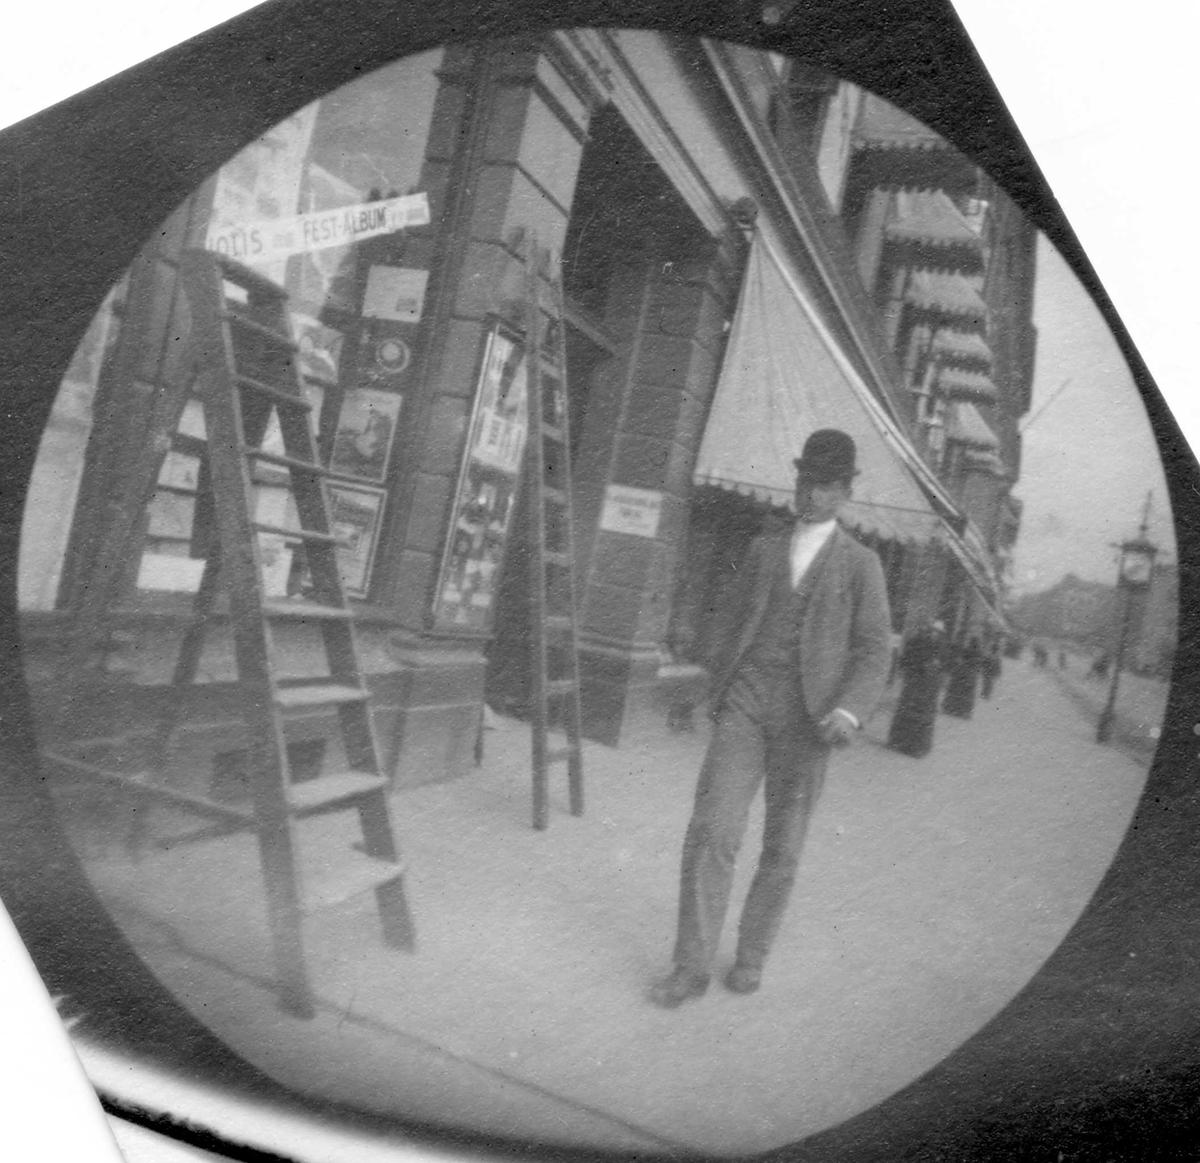 Thorvald Astrup spaserer på fortau langs butikker, Oslo. Markiser over vinduene, gardintrapp og stige mot vegg og vindu.